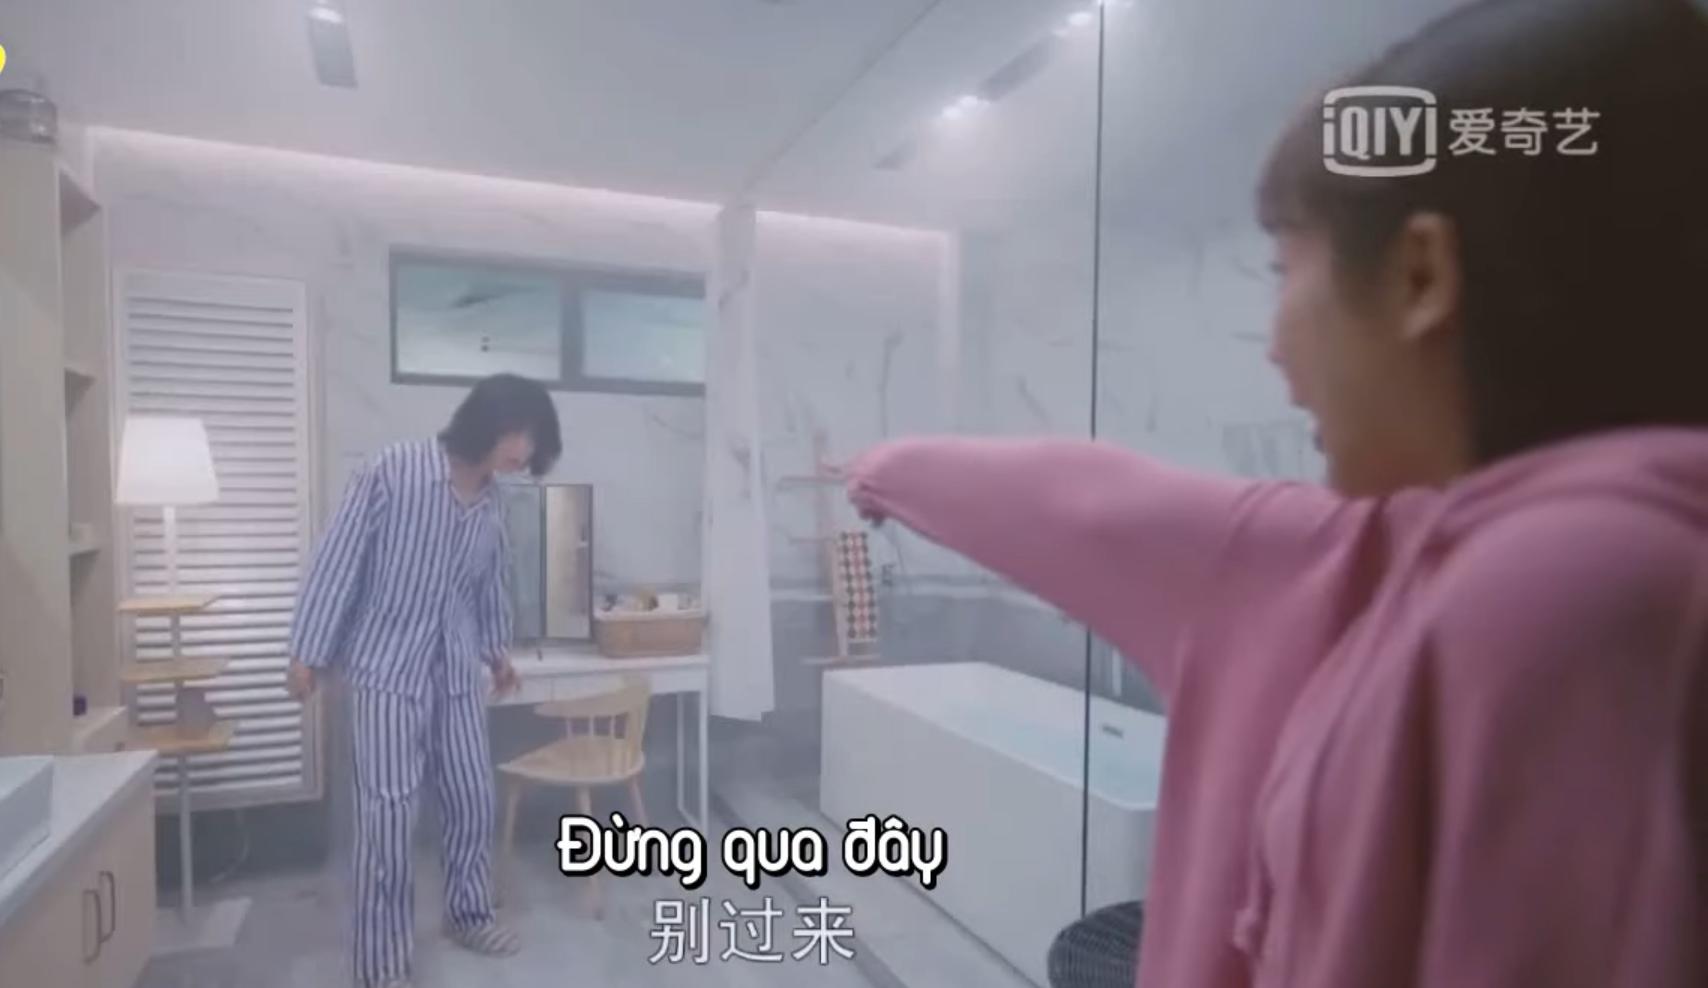 'Chàng trai Mặc Cách Ly của tôi' tung trailer hài hước, Dương Tử - Mã Thiên Vũ đẹp đôi 4